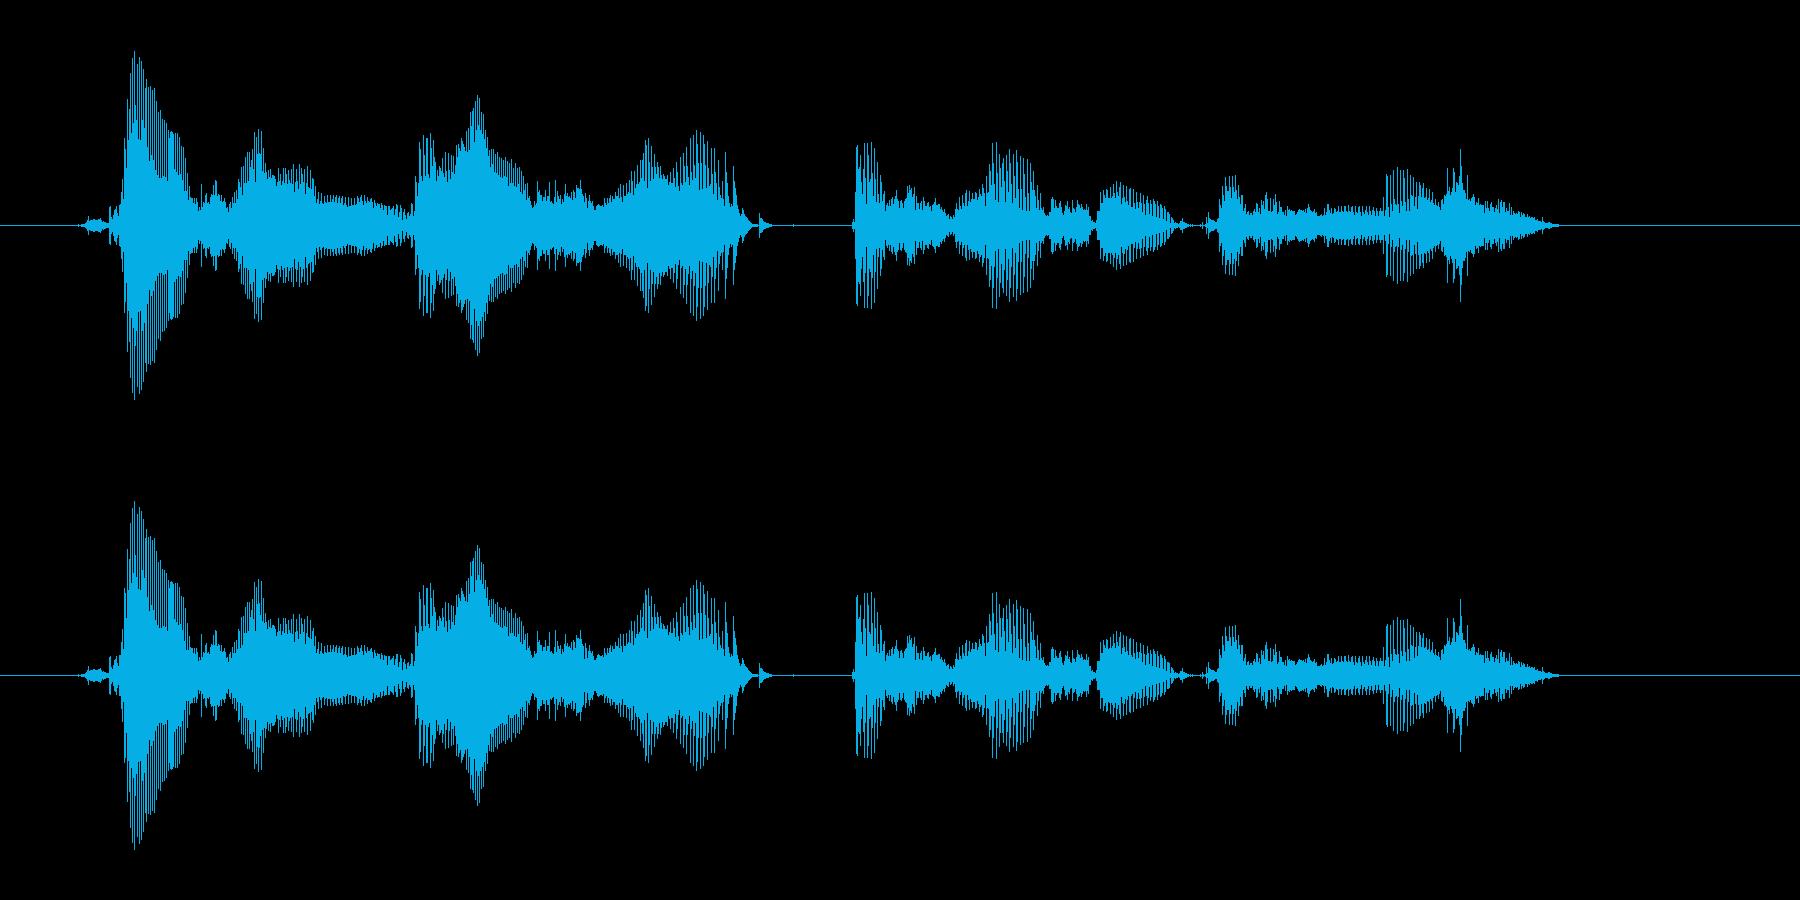 【時報・時間】午前0時を、お知らせいた…の再生済みの波形